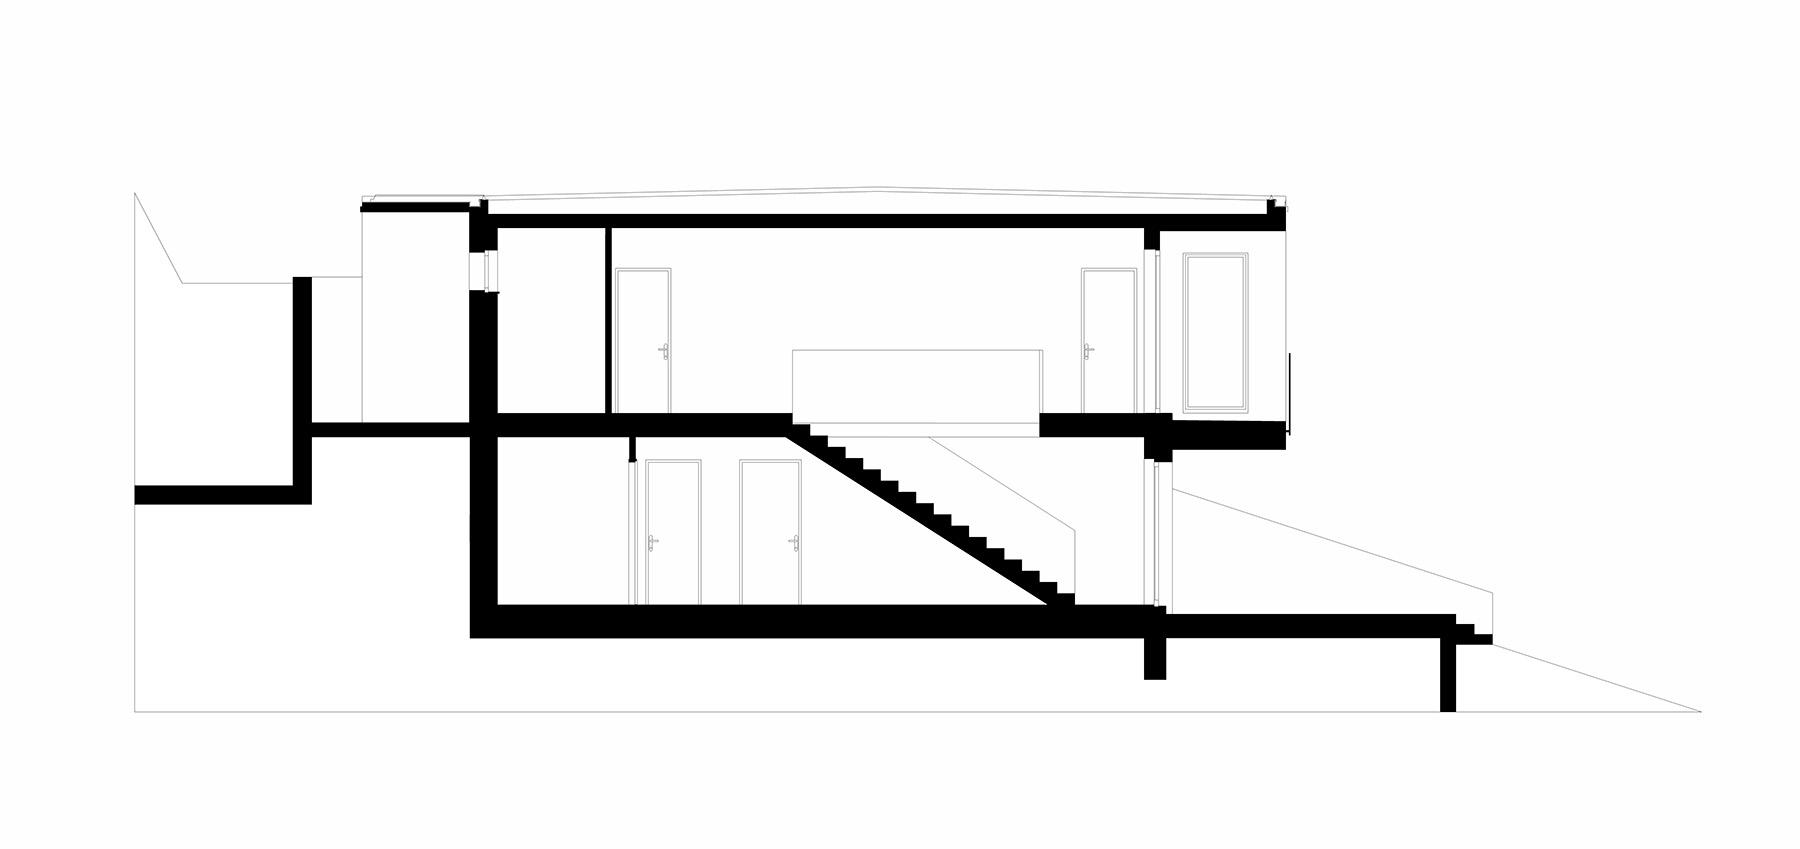 wunschhaus-haus-b38-plan-schnitt